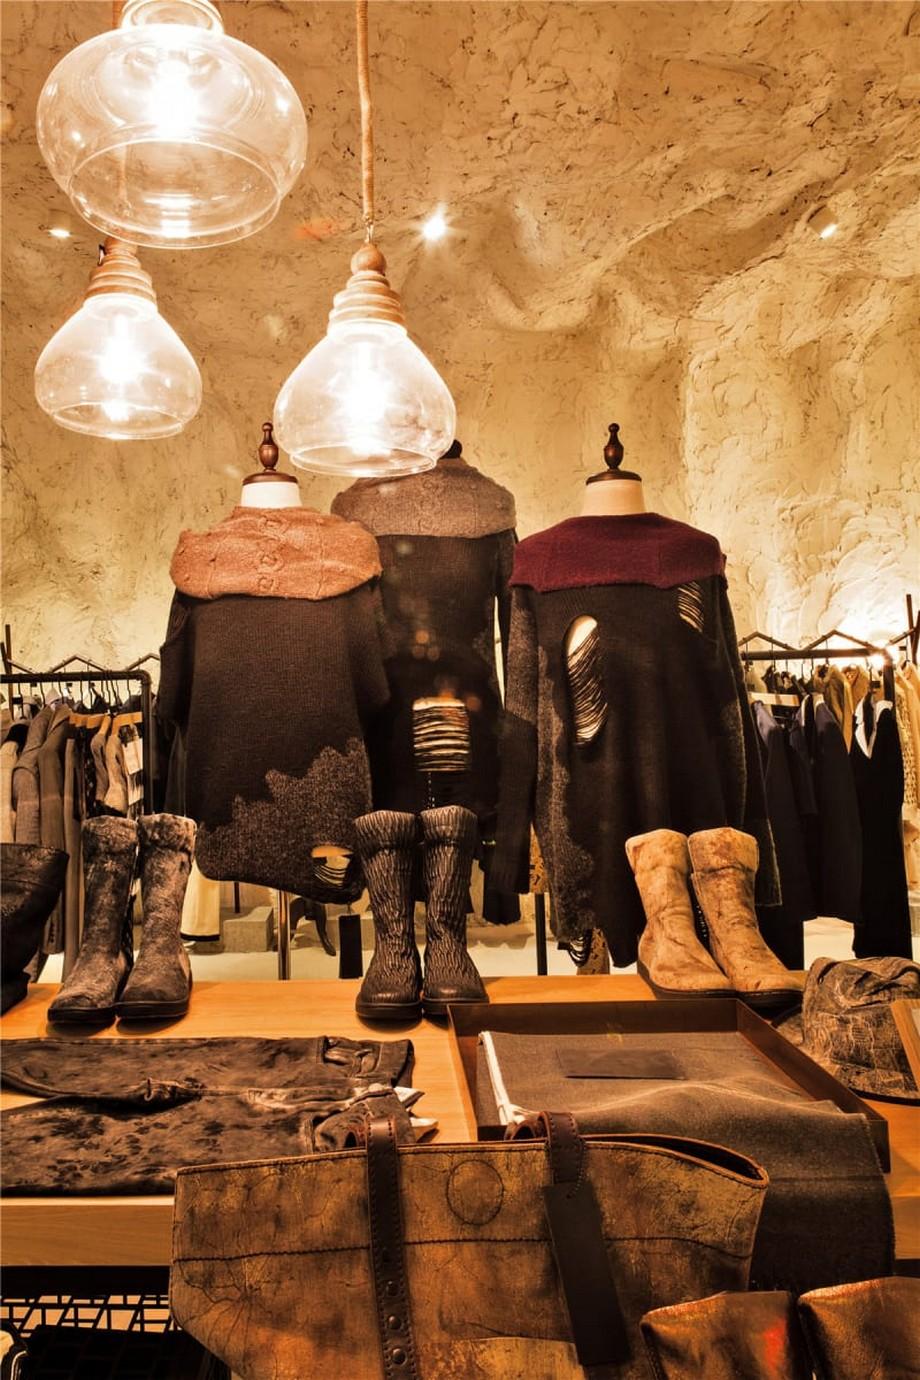 Cùng chiêm ngưỡng hình ảnh đẹp của thiết kế shop quần áo